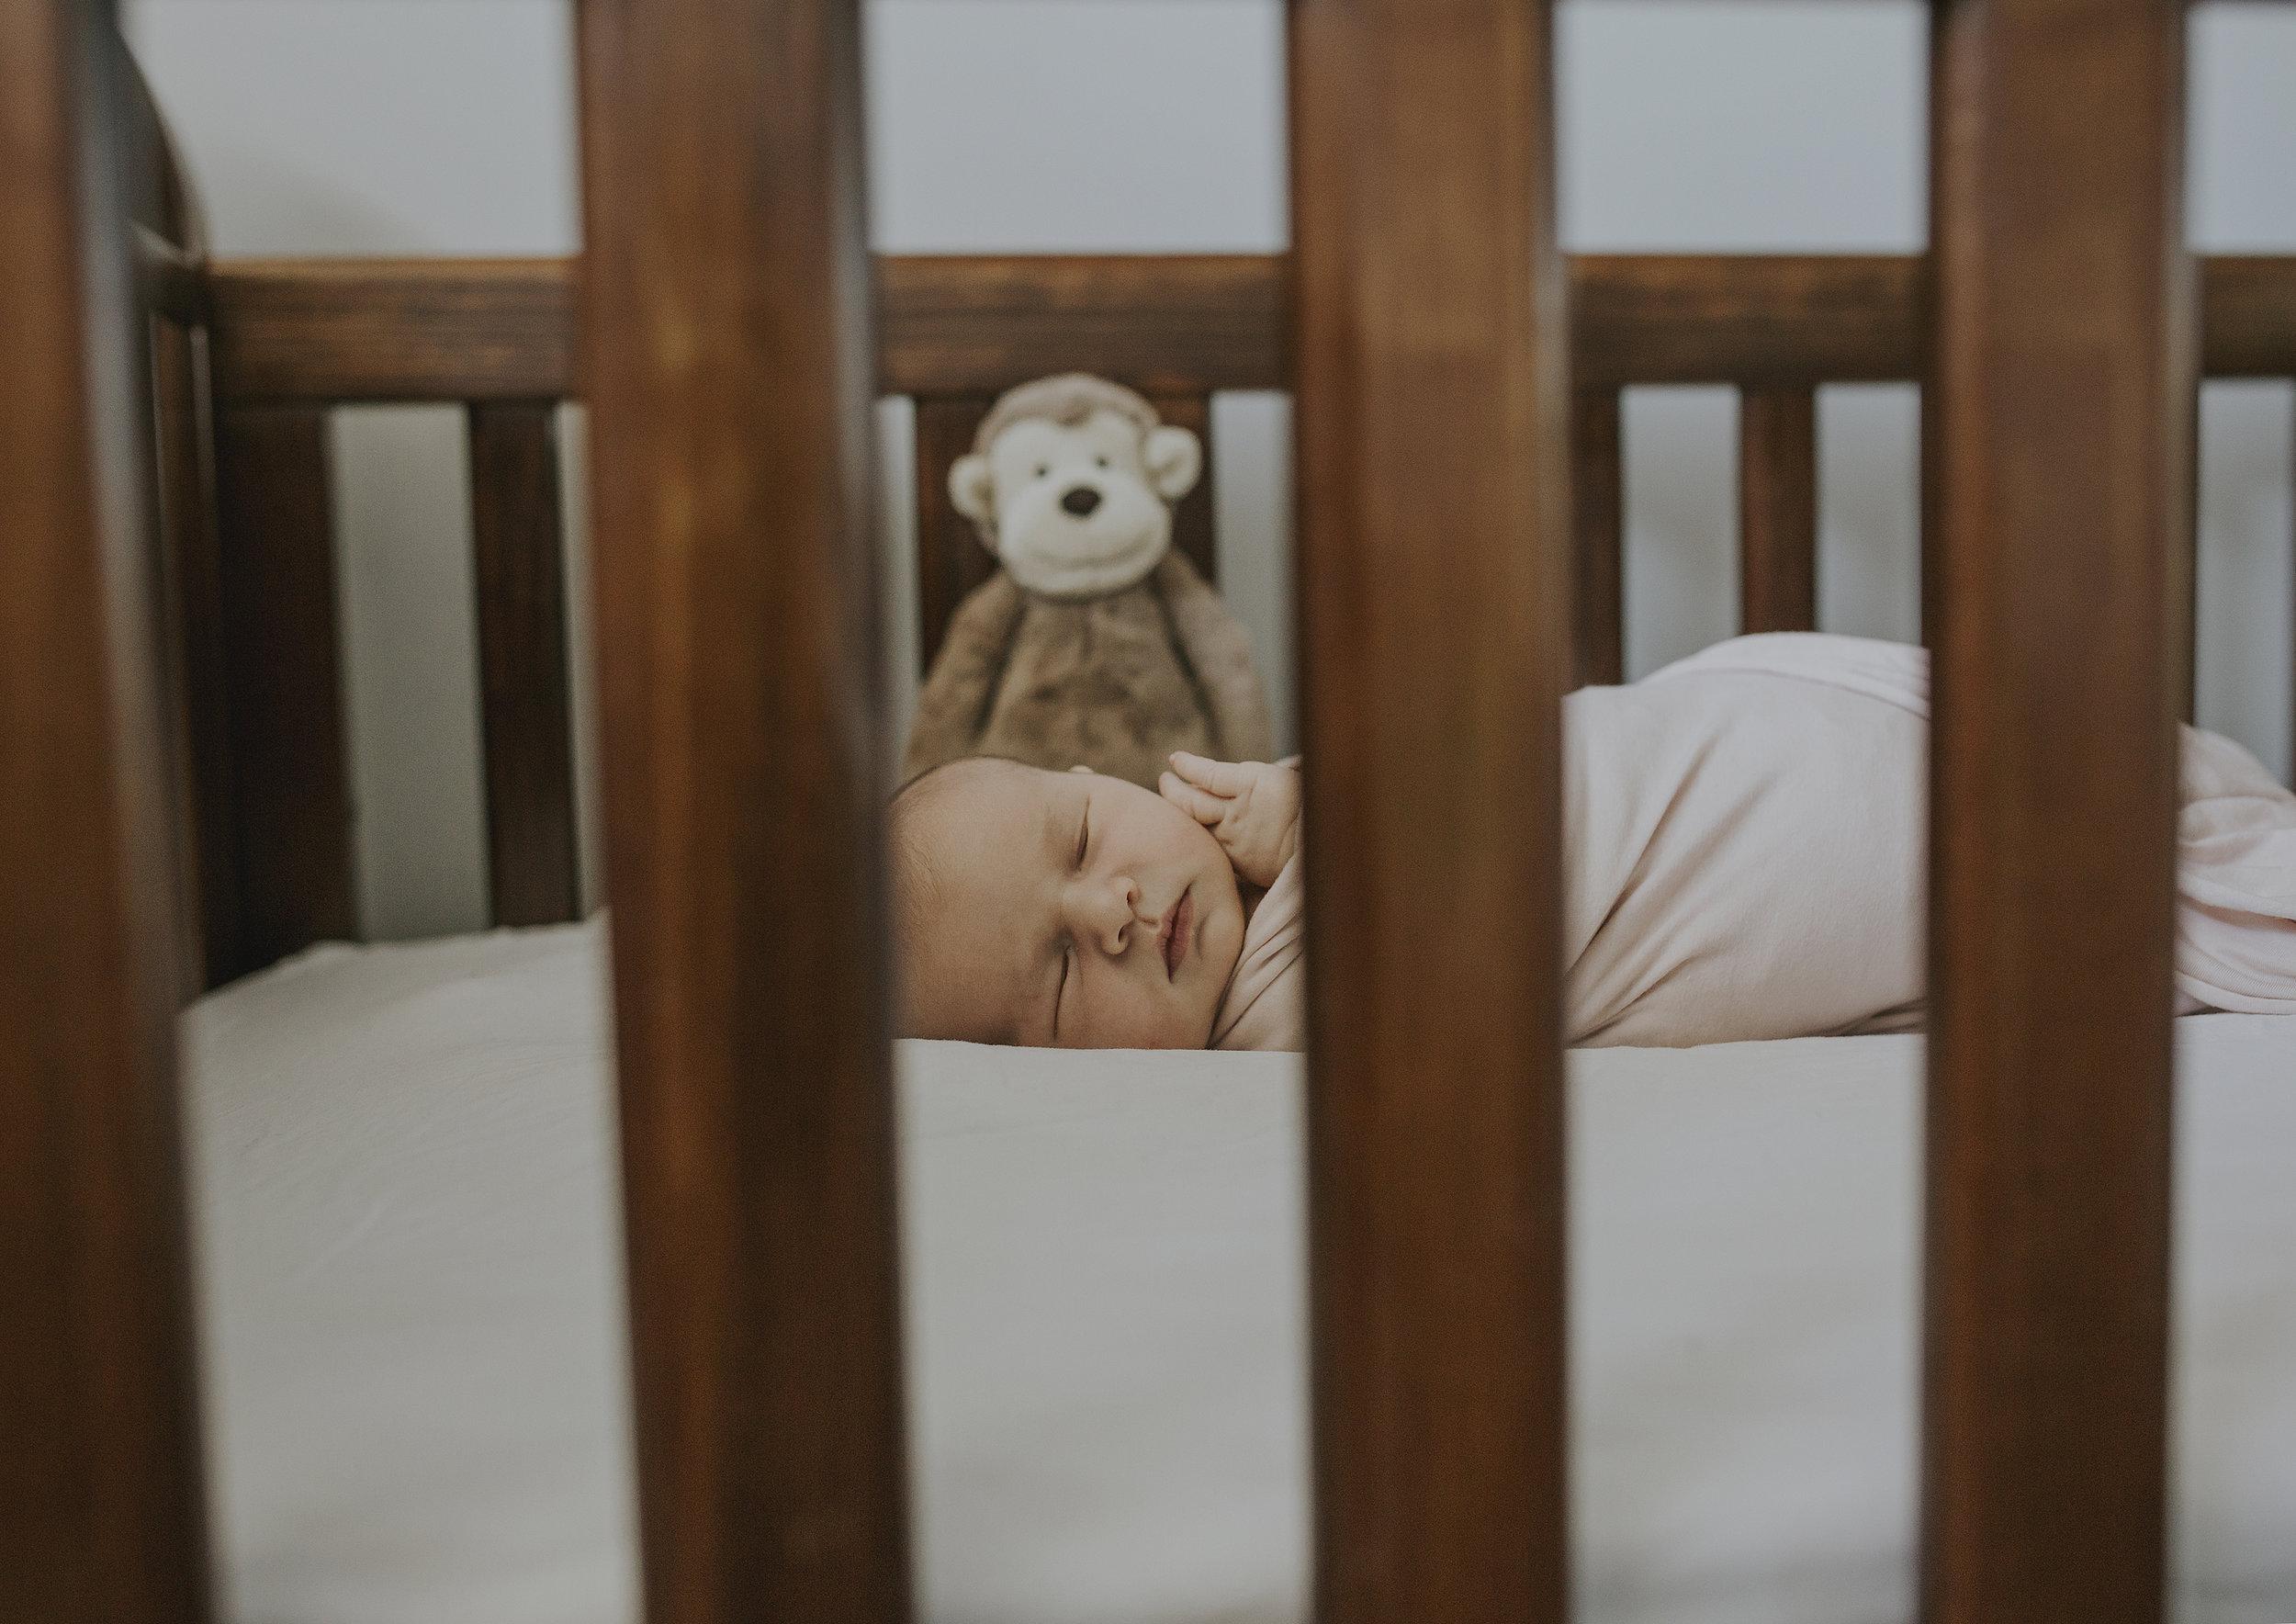 Newborn baby girl in her cot